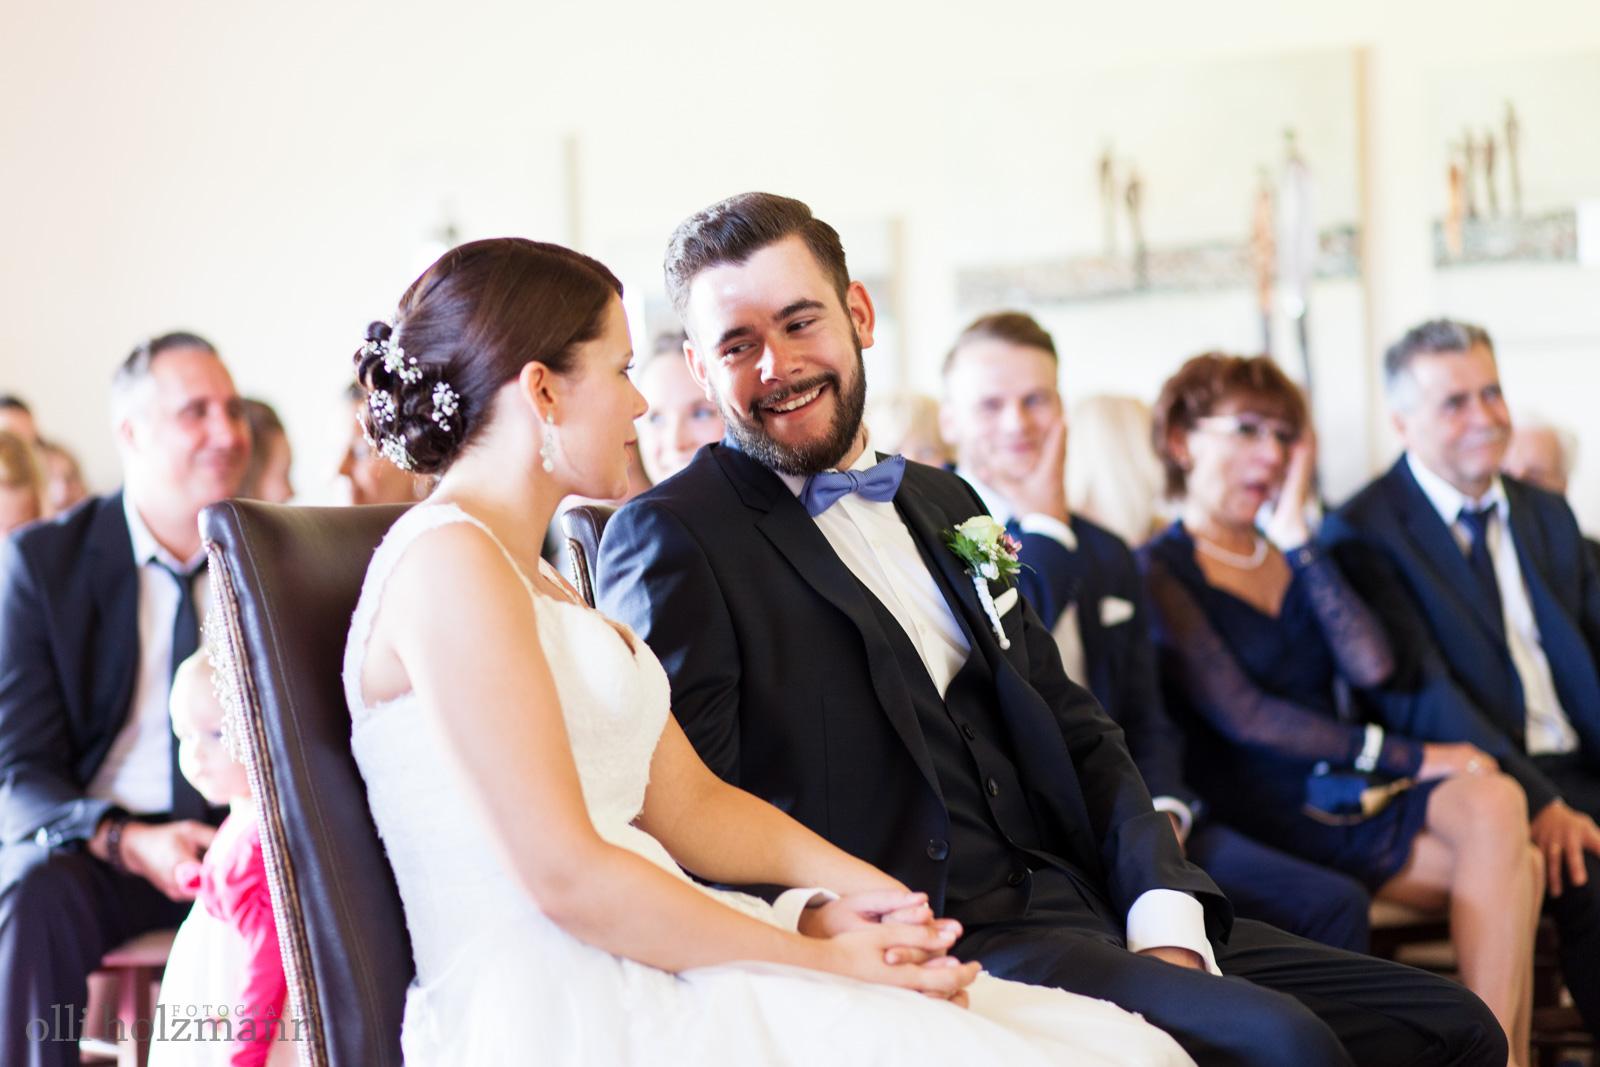 Hochzeitsfotograf_Sonsbeck-47.jpg